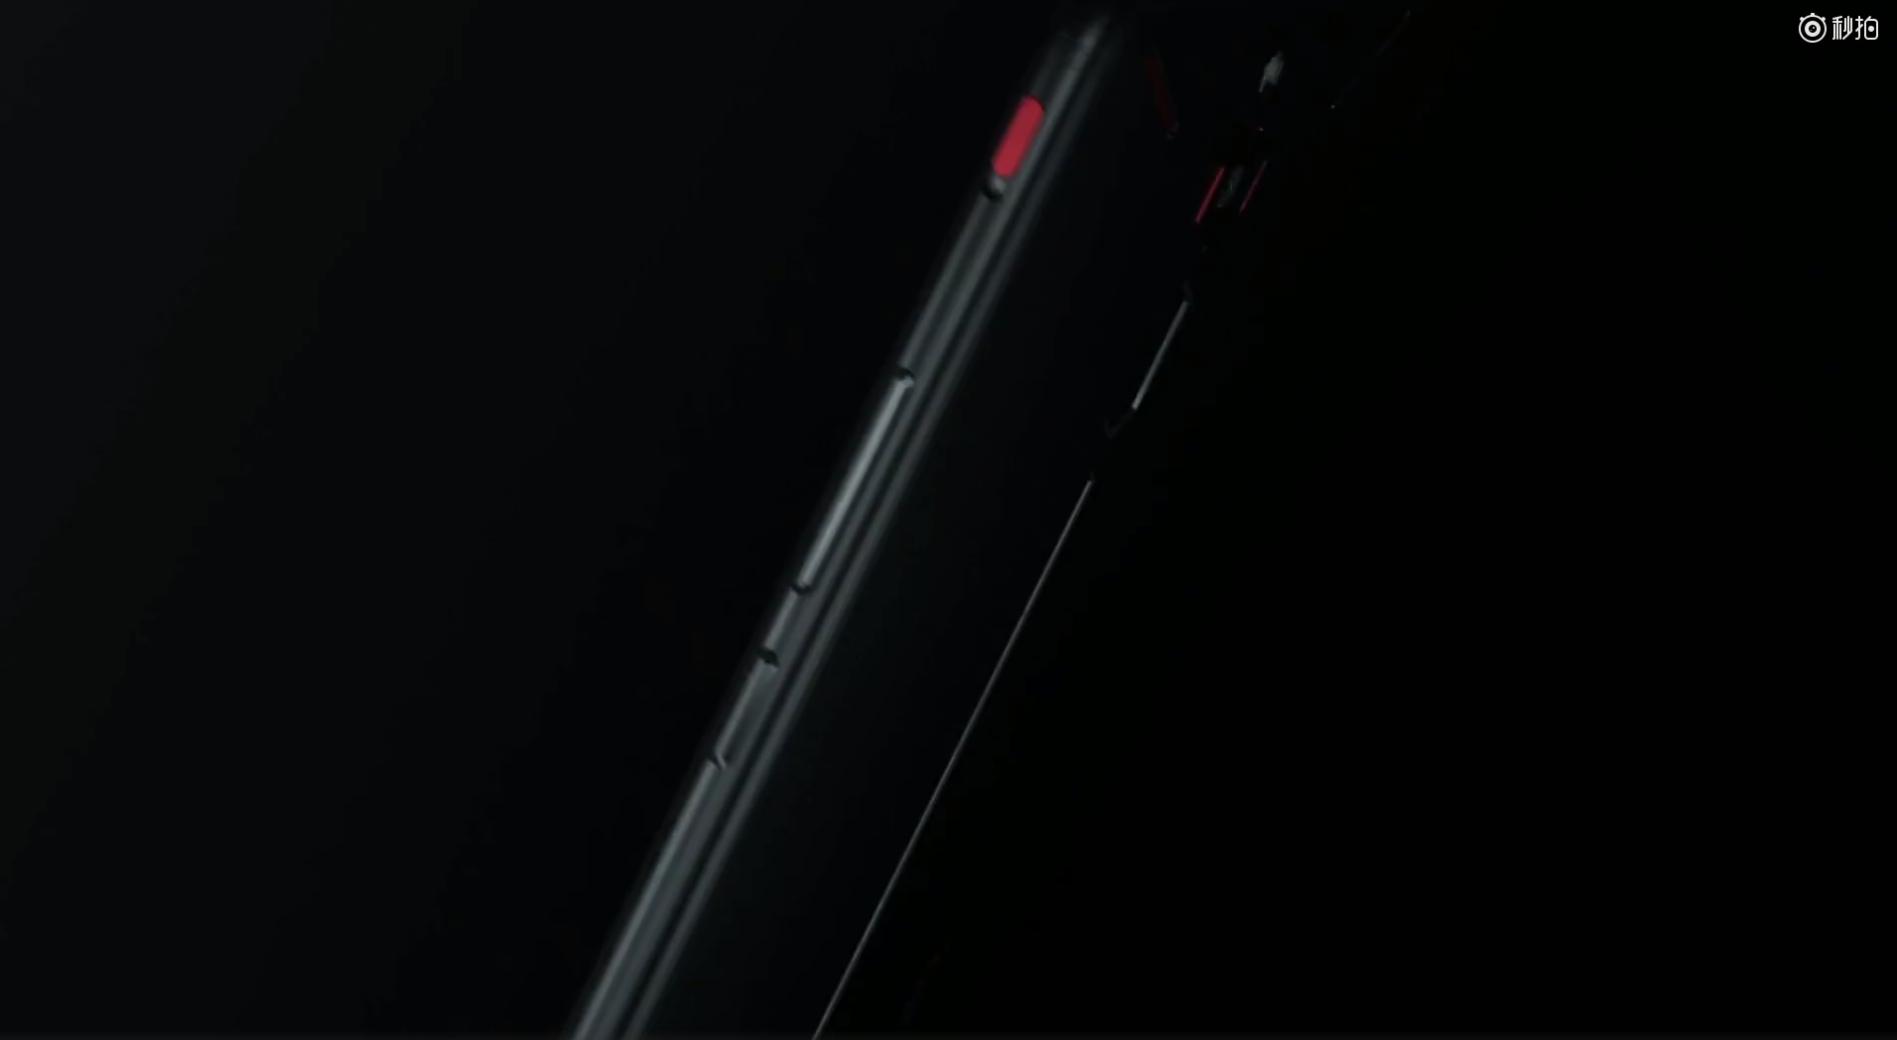 Появились официальные изображения игрового смартфона Nubia Red Magic, его анонс состоится послезавтра